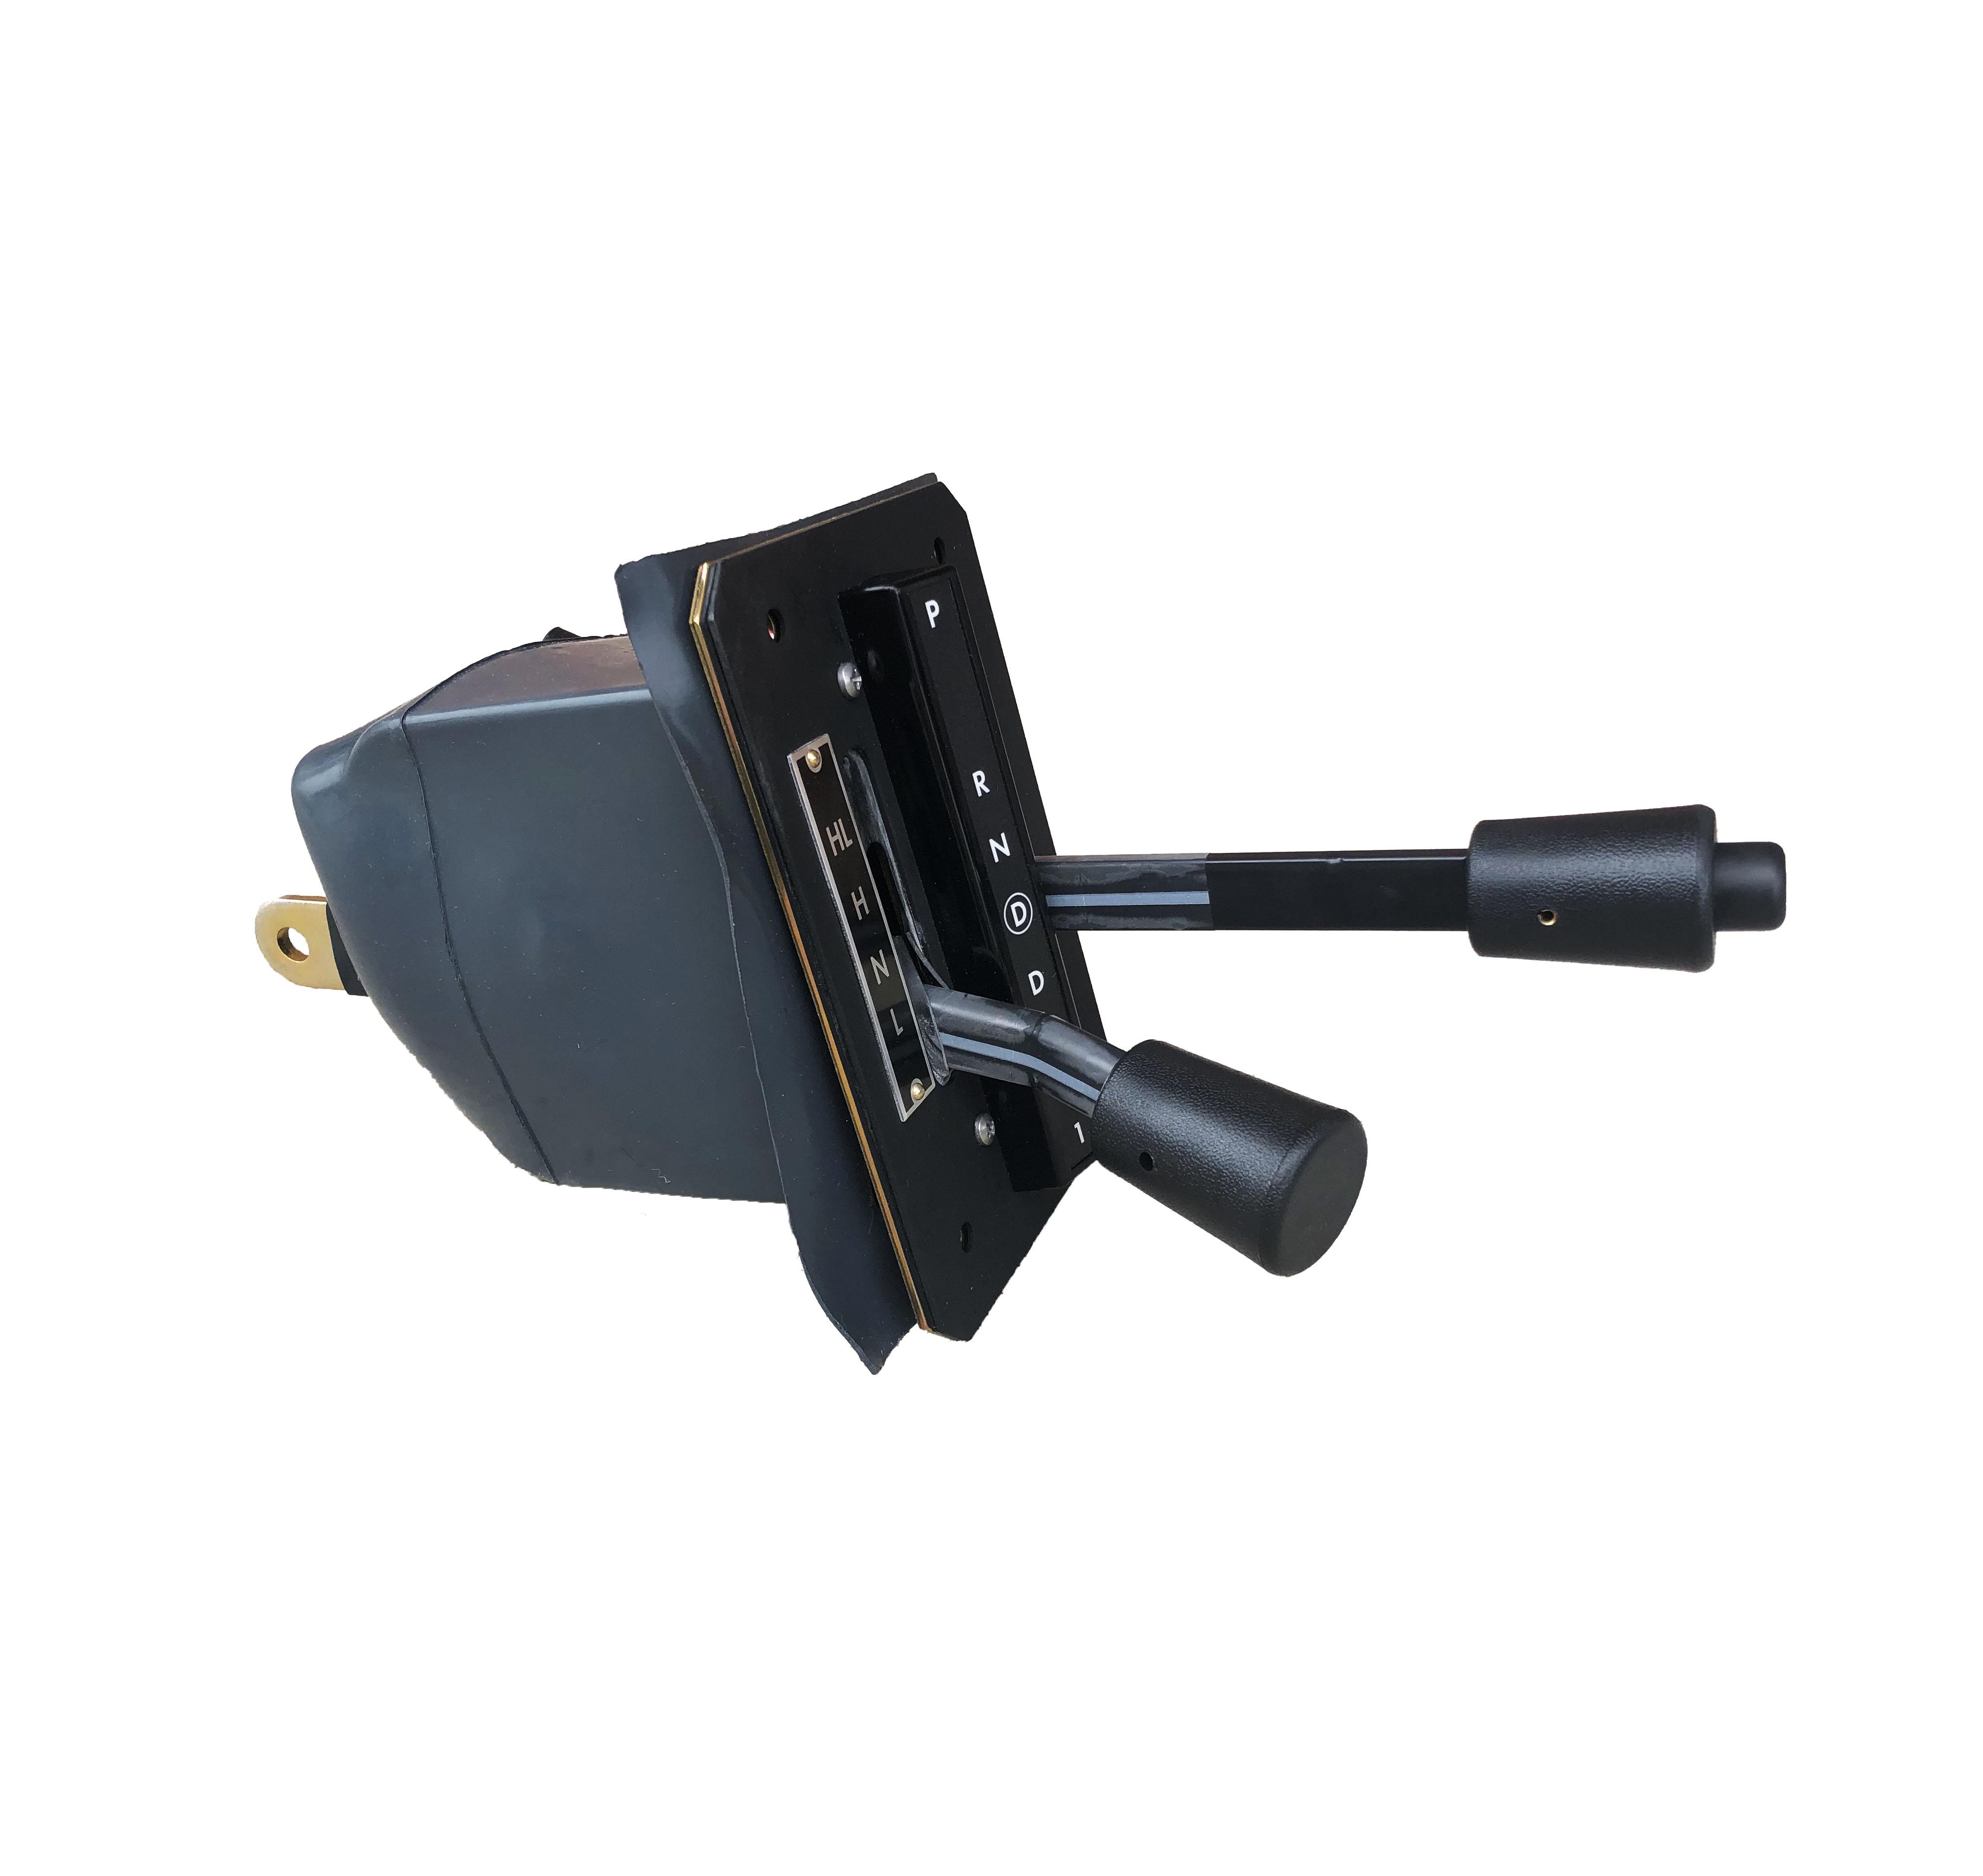 Motorisierungs-Set für SKL24 Spur H0m von M/&M 94.9